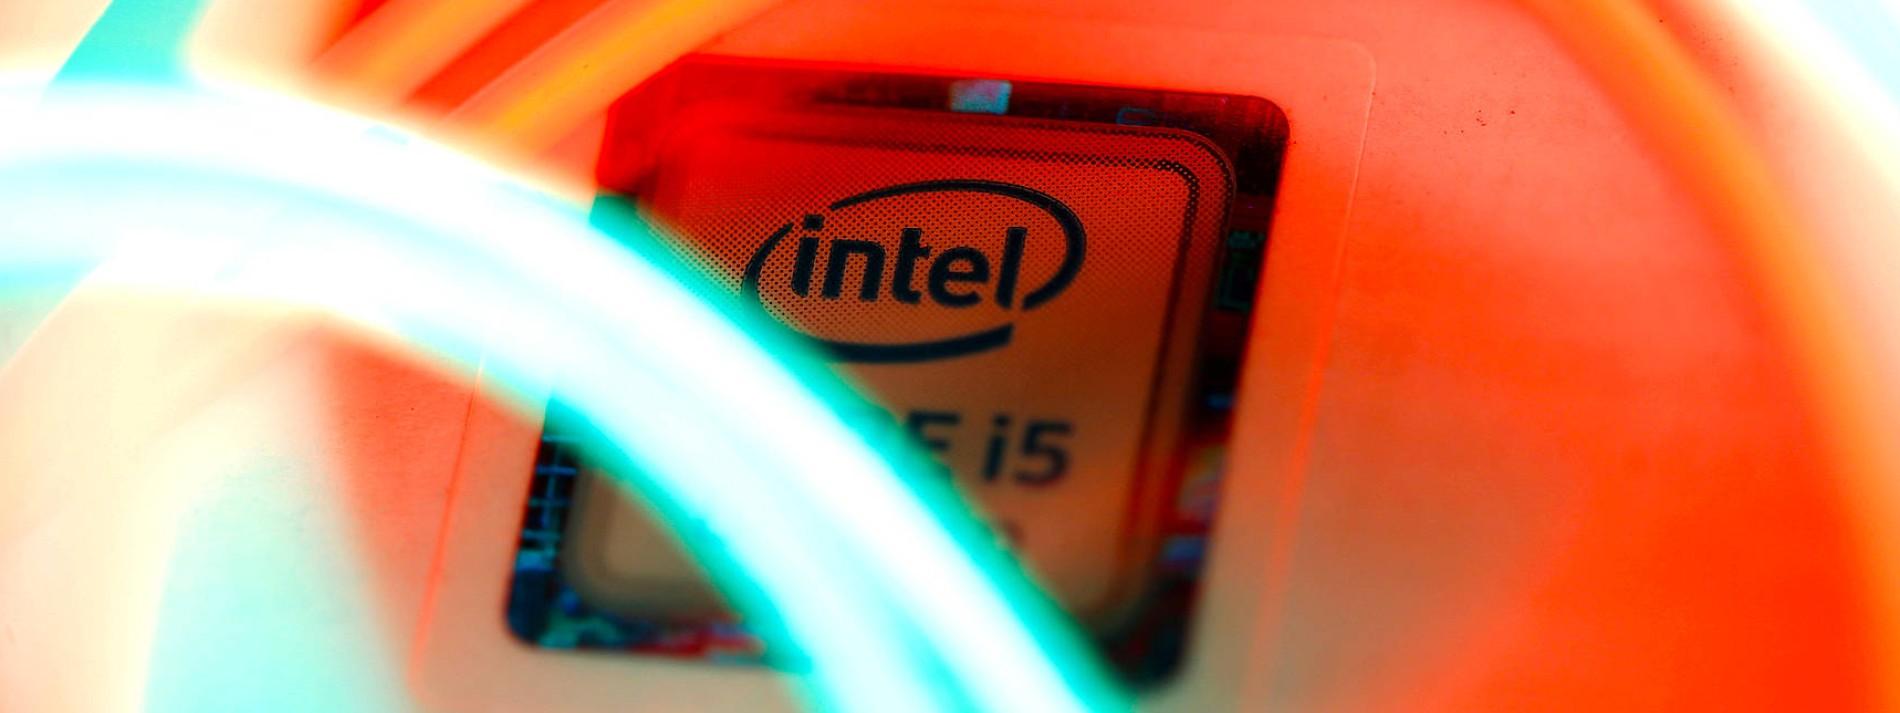 Intel verkauft Geschäft für 9 Milliarden Dollar nach Südkorea